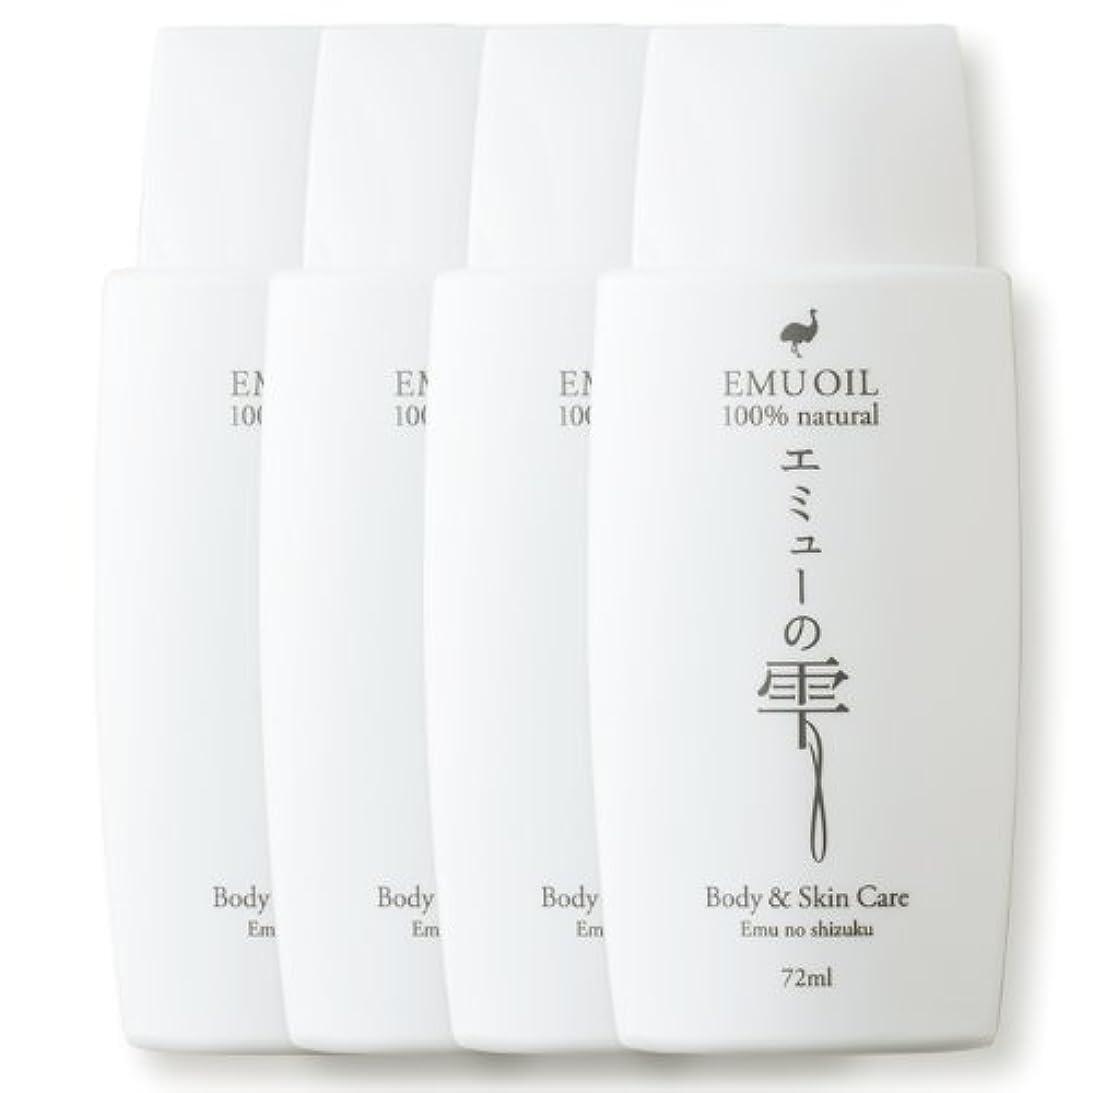 シルエット抑制する初期エミューの雫 72ml 【無添加100%、高品質エミューオイル(エミュー油)】 (4本セット)